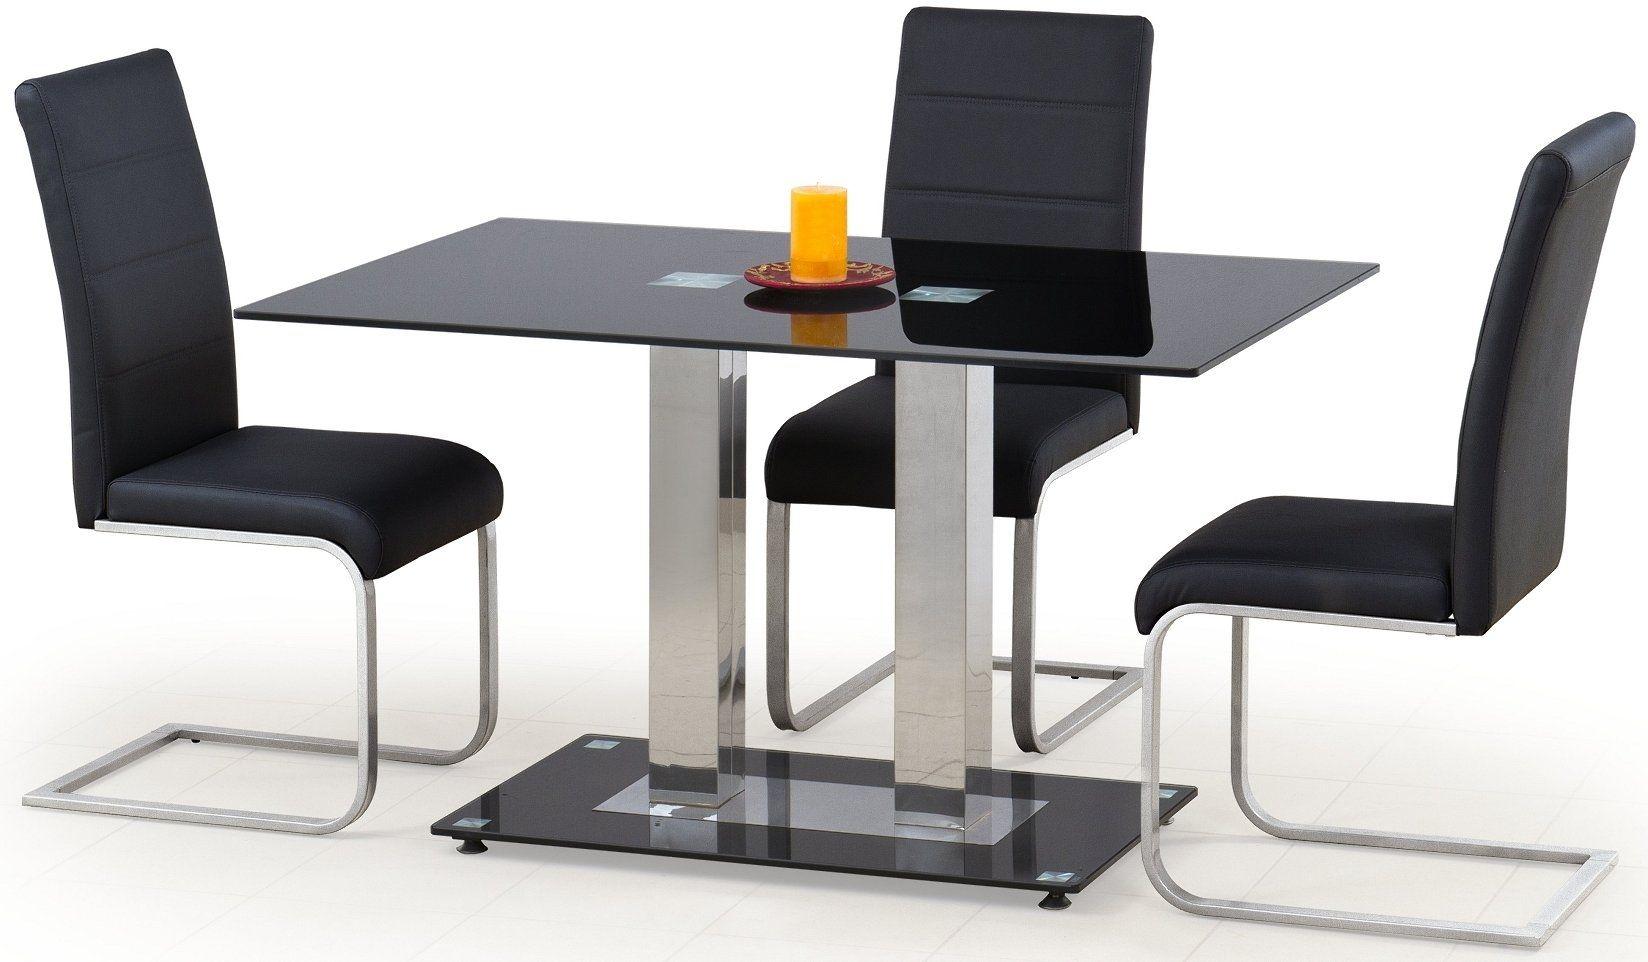 Zestaw: stół Walter 2 i 4 krzesła K85 Halmar